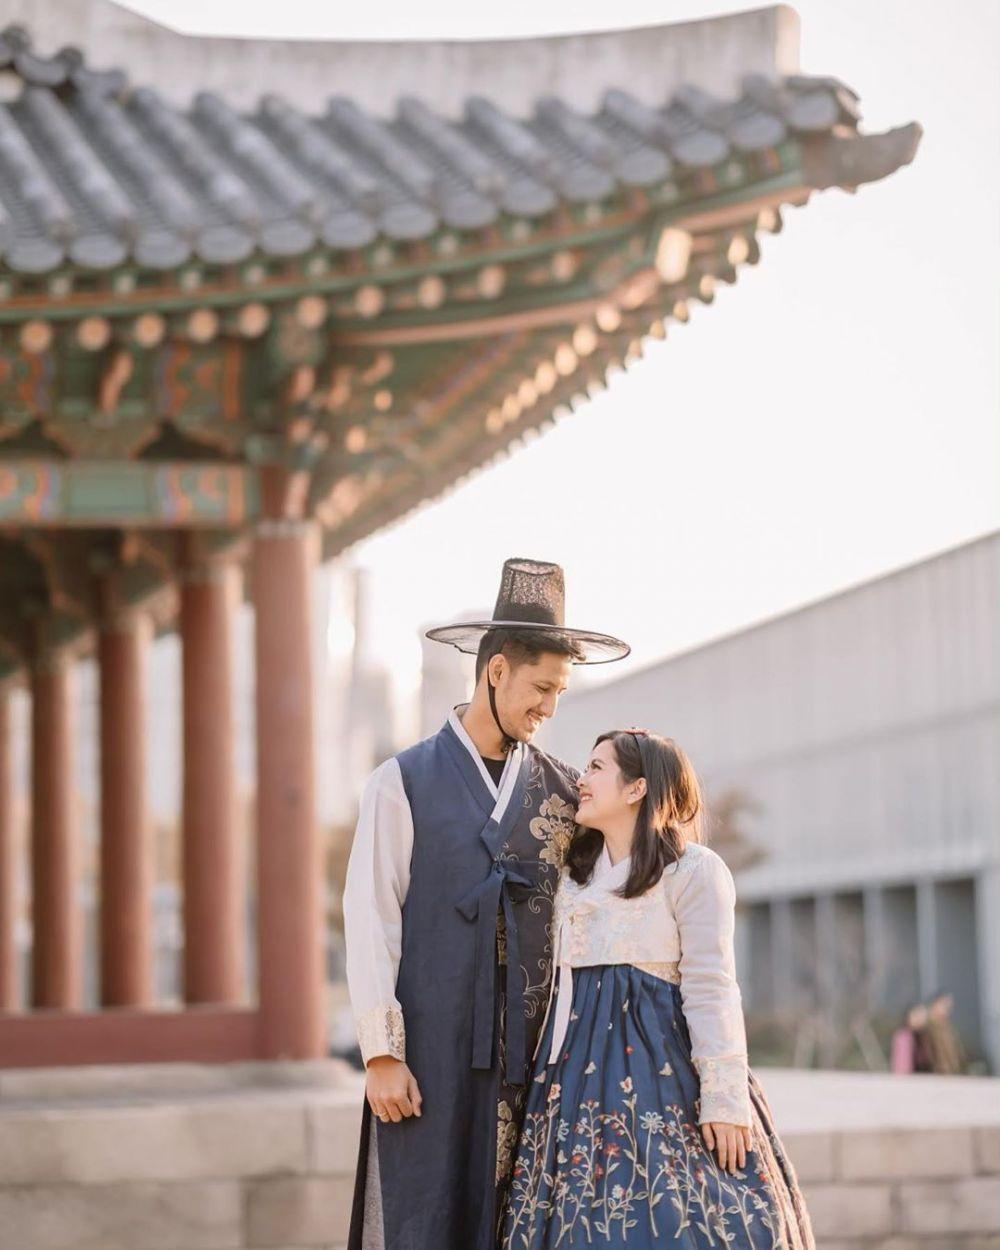 9 Potret Liburan Tasya Kamila dan Keluarga di Korea, Penuh Keceriaan!